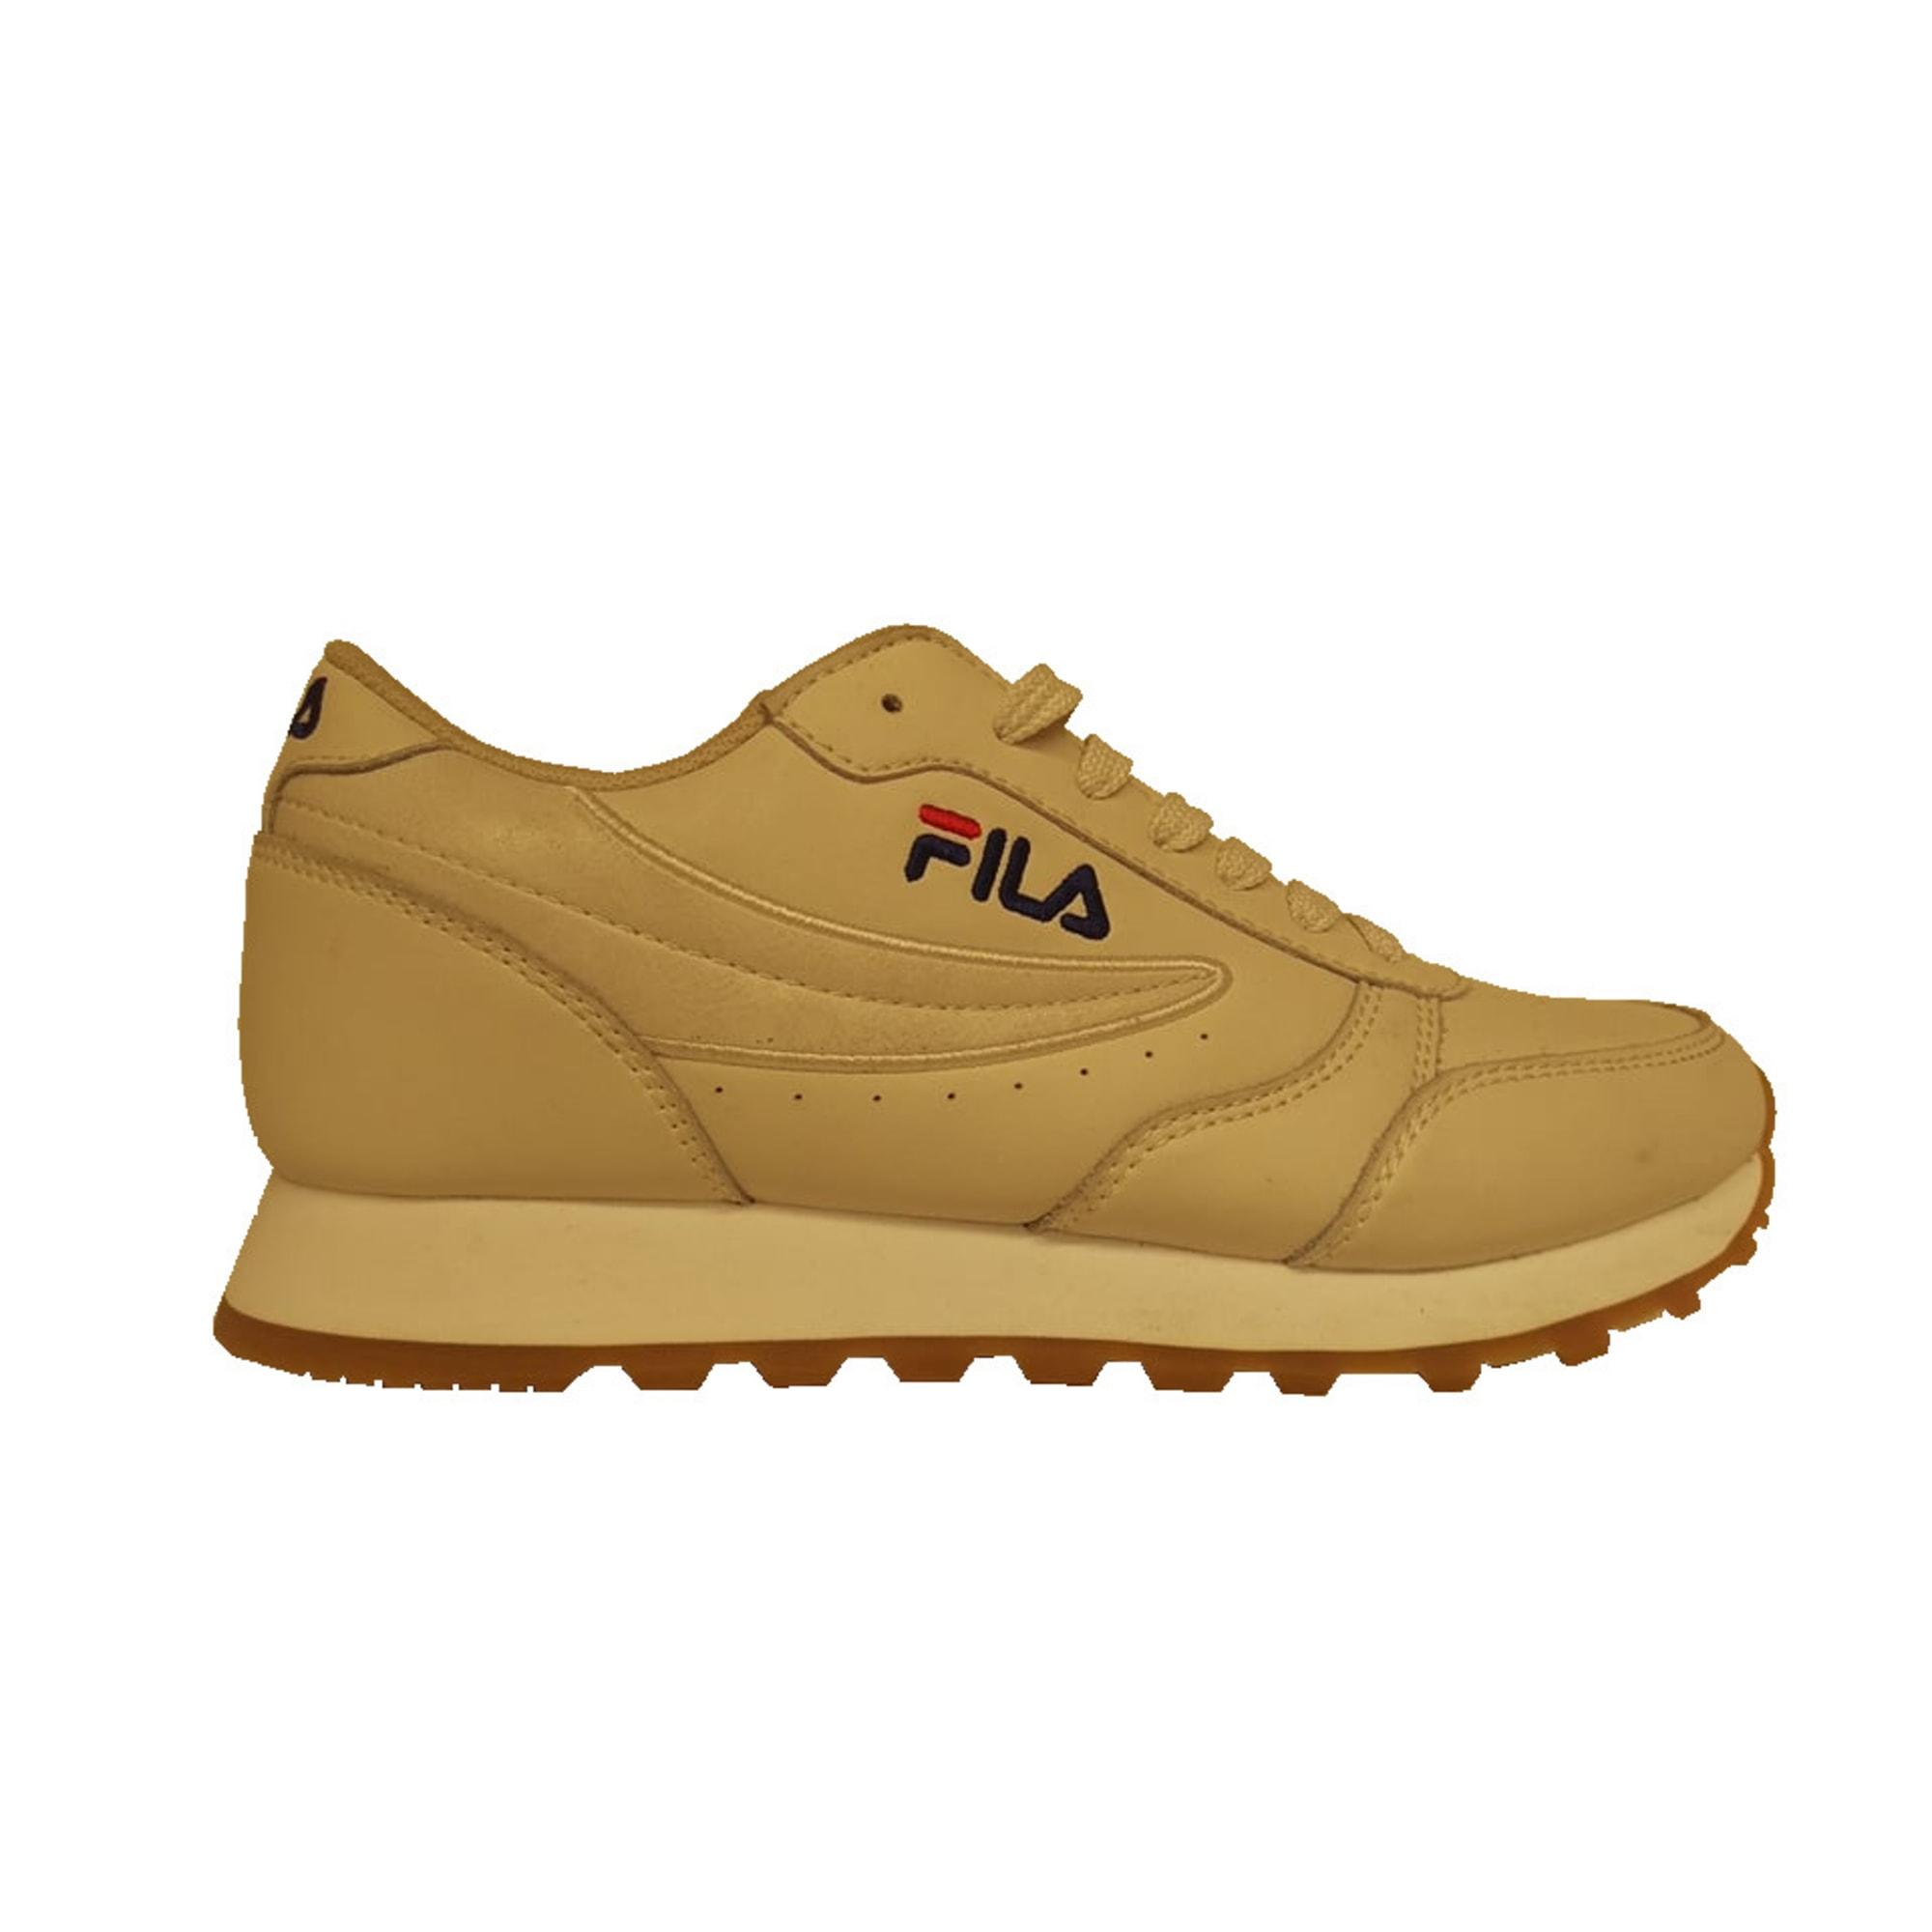 8721406 Chaussures De Sport 37 Panna Fila wwUAOcqR